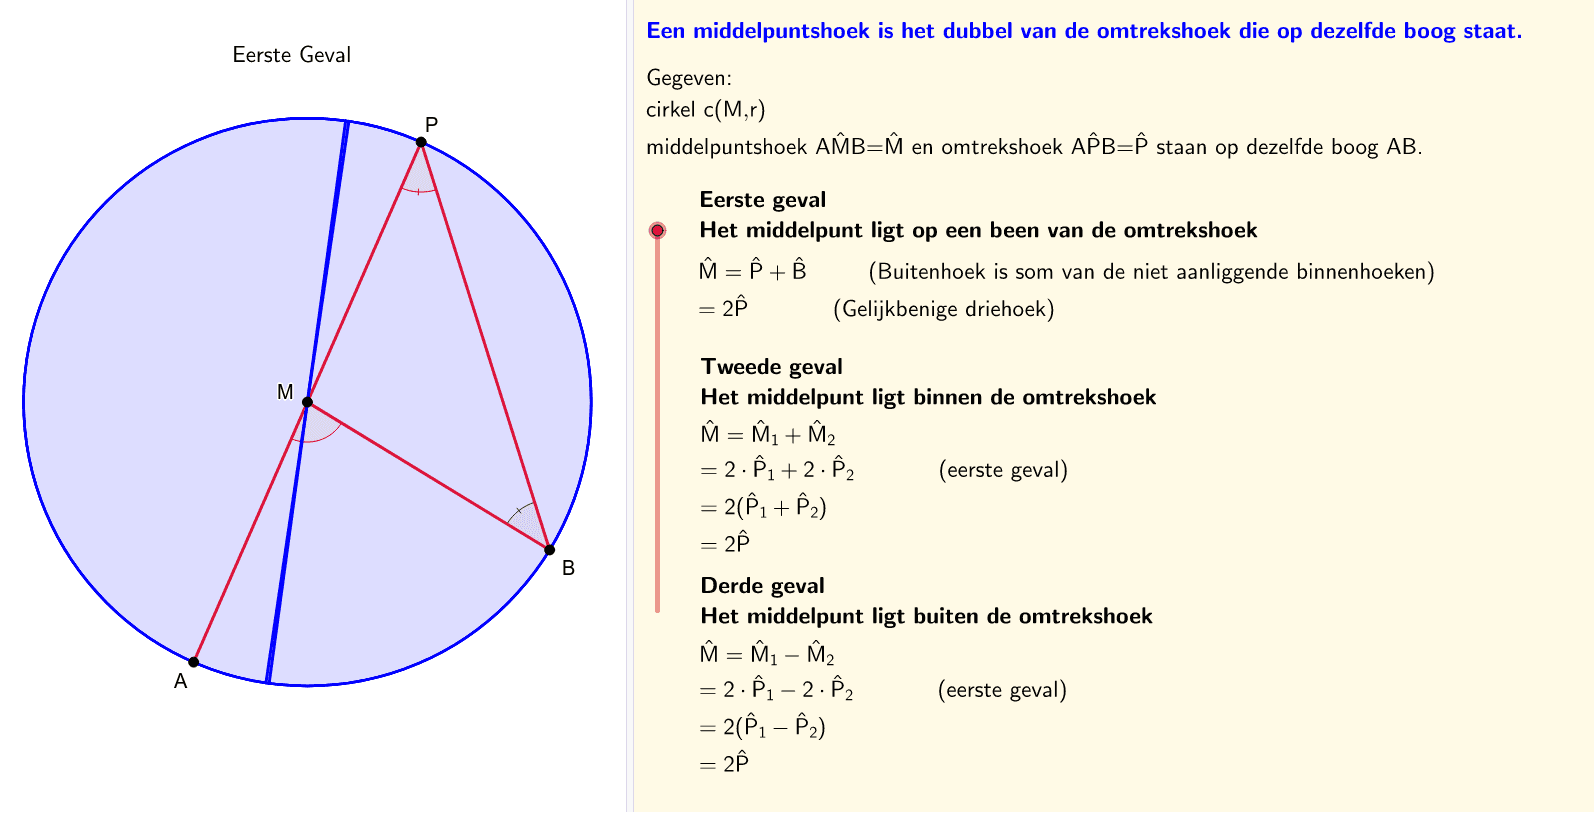 Eigenschap MH-OH  (Alternatieve formulering en bewijs)